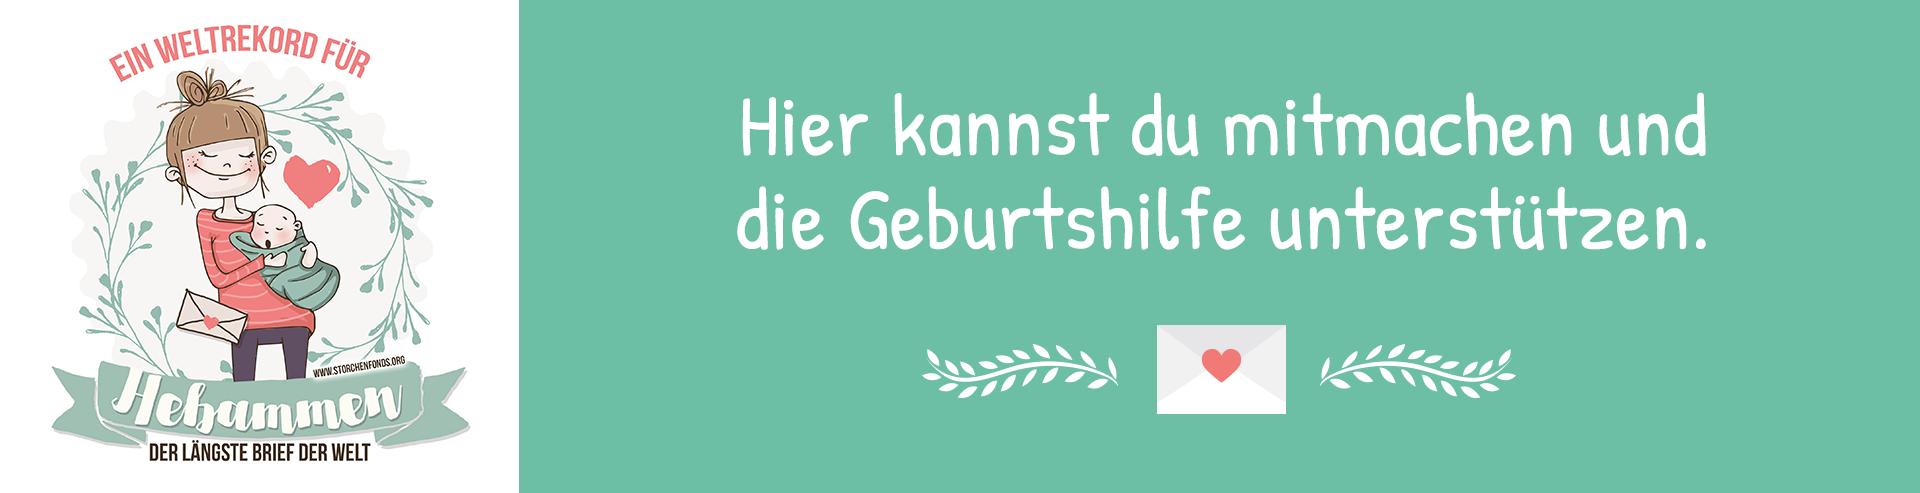 Unterstütze den Weltrekord für Hebammen deinbrieffuerhebammen Hebammen-Interview